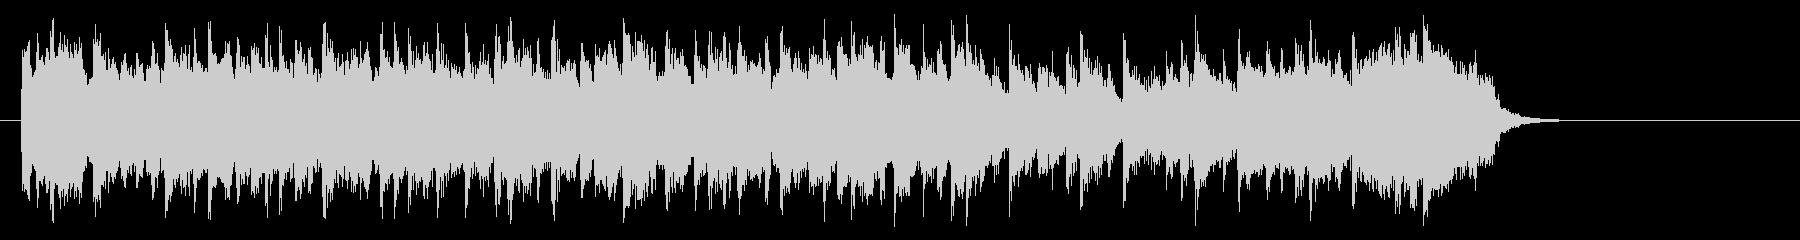 安らぎのミディアムポップ(サビ)の未再生の波形